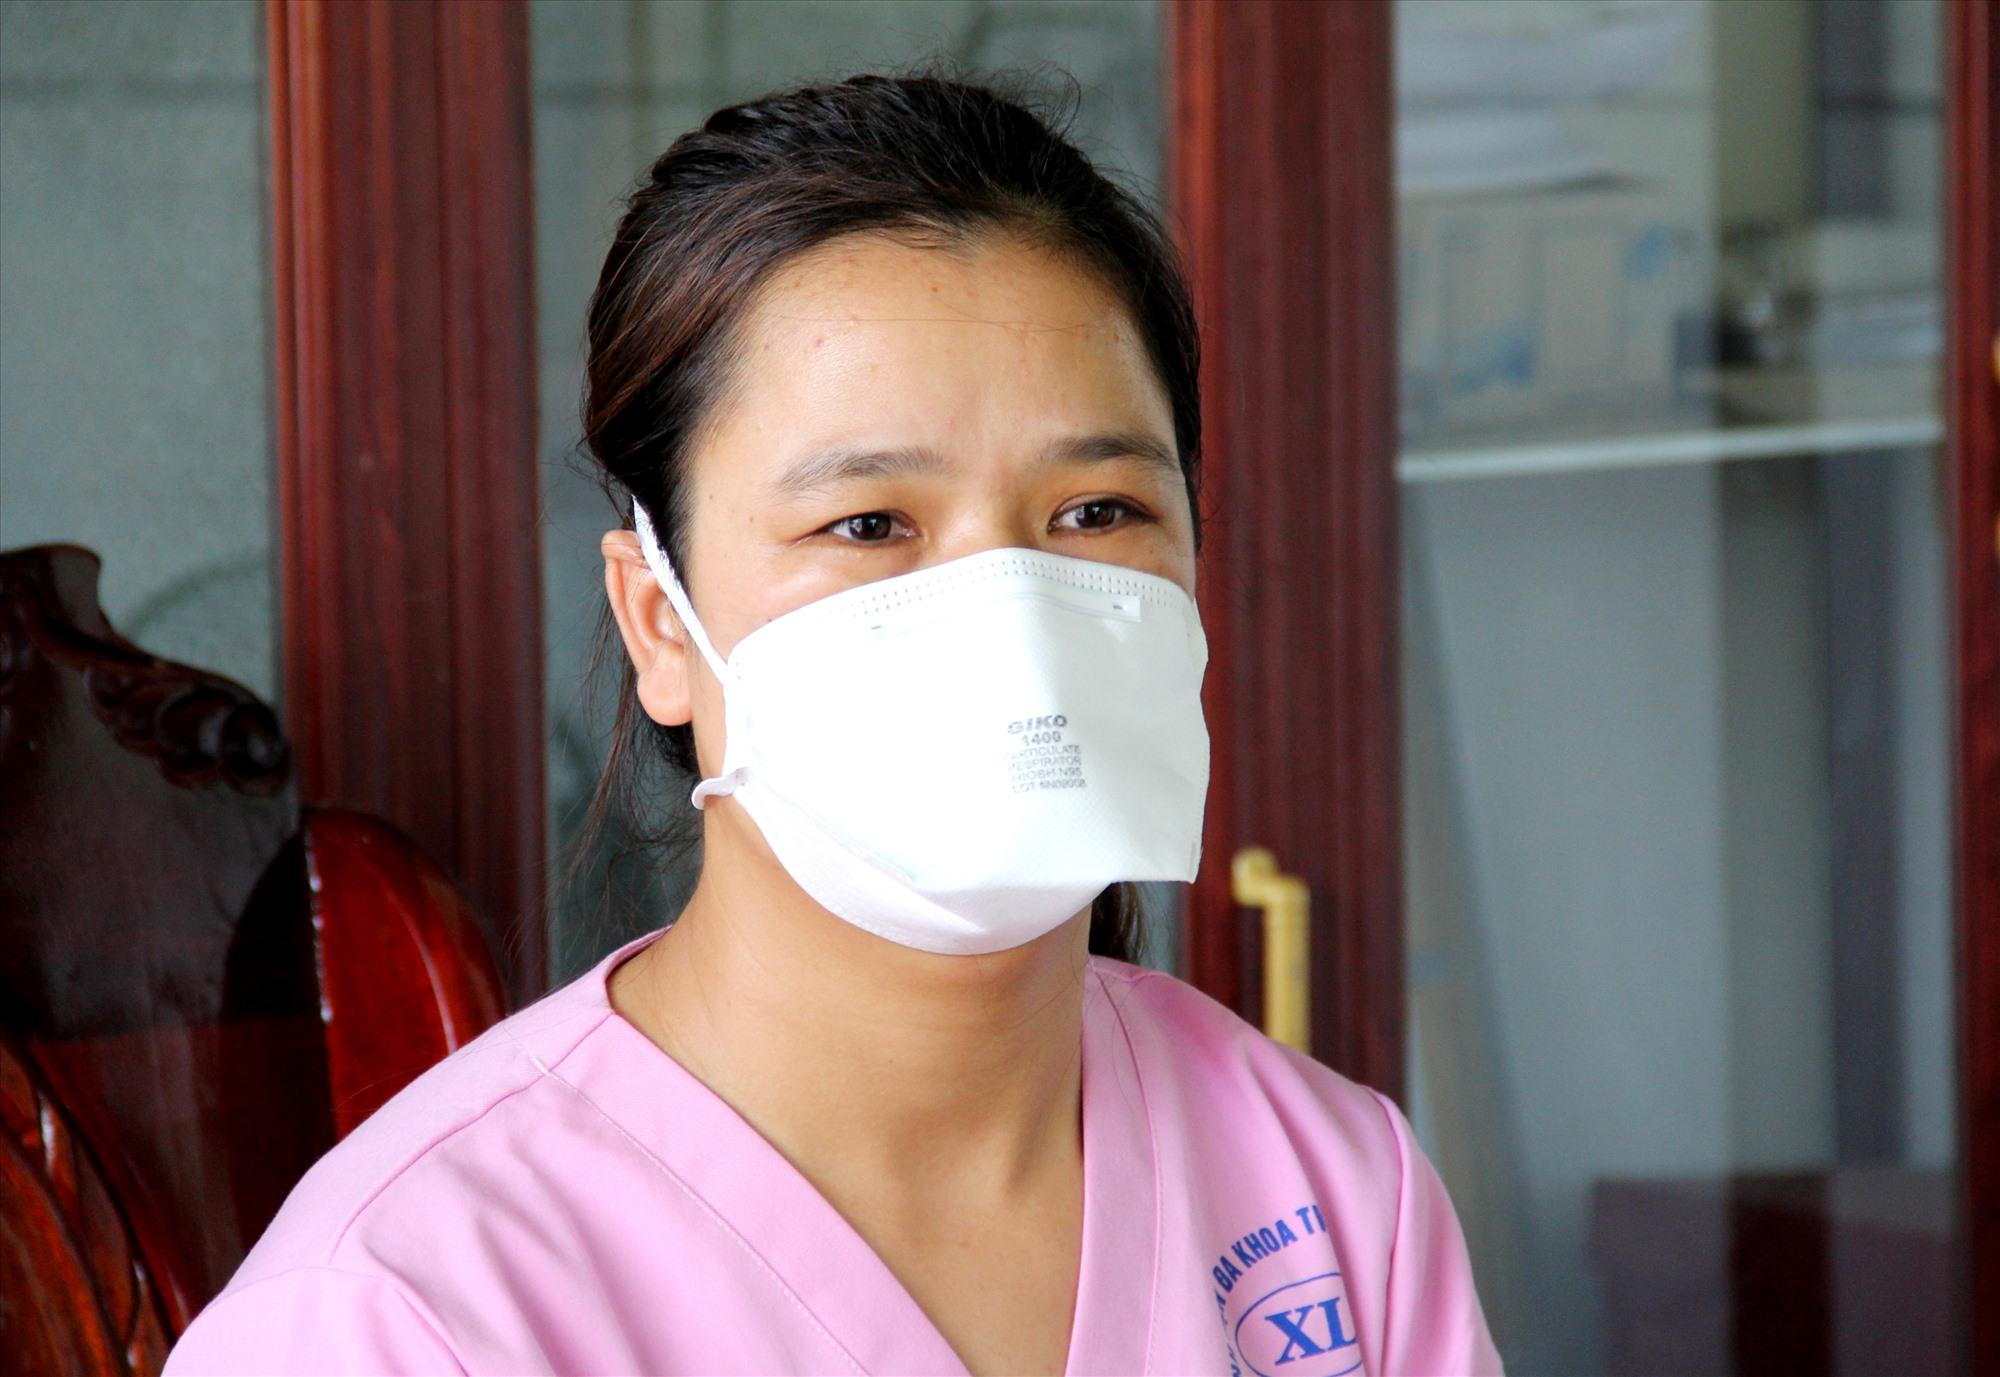 Gác lại niềm riêng, nữ điều dưỡng Đặng Thị Tiểu Loan tình nguyện ở lại làm nhiệm vụ phòng chống dịch Covid-19. Ảnh: ALĂNG NGƯỚC